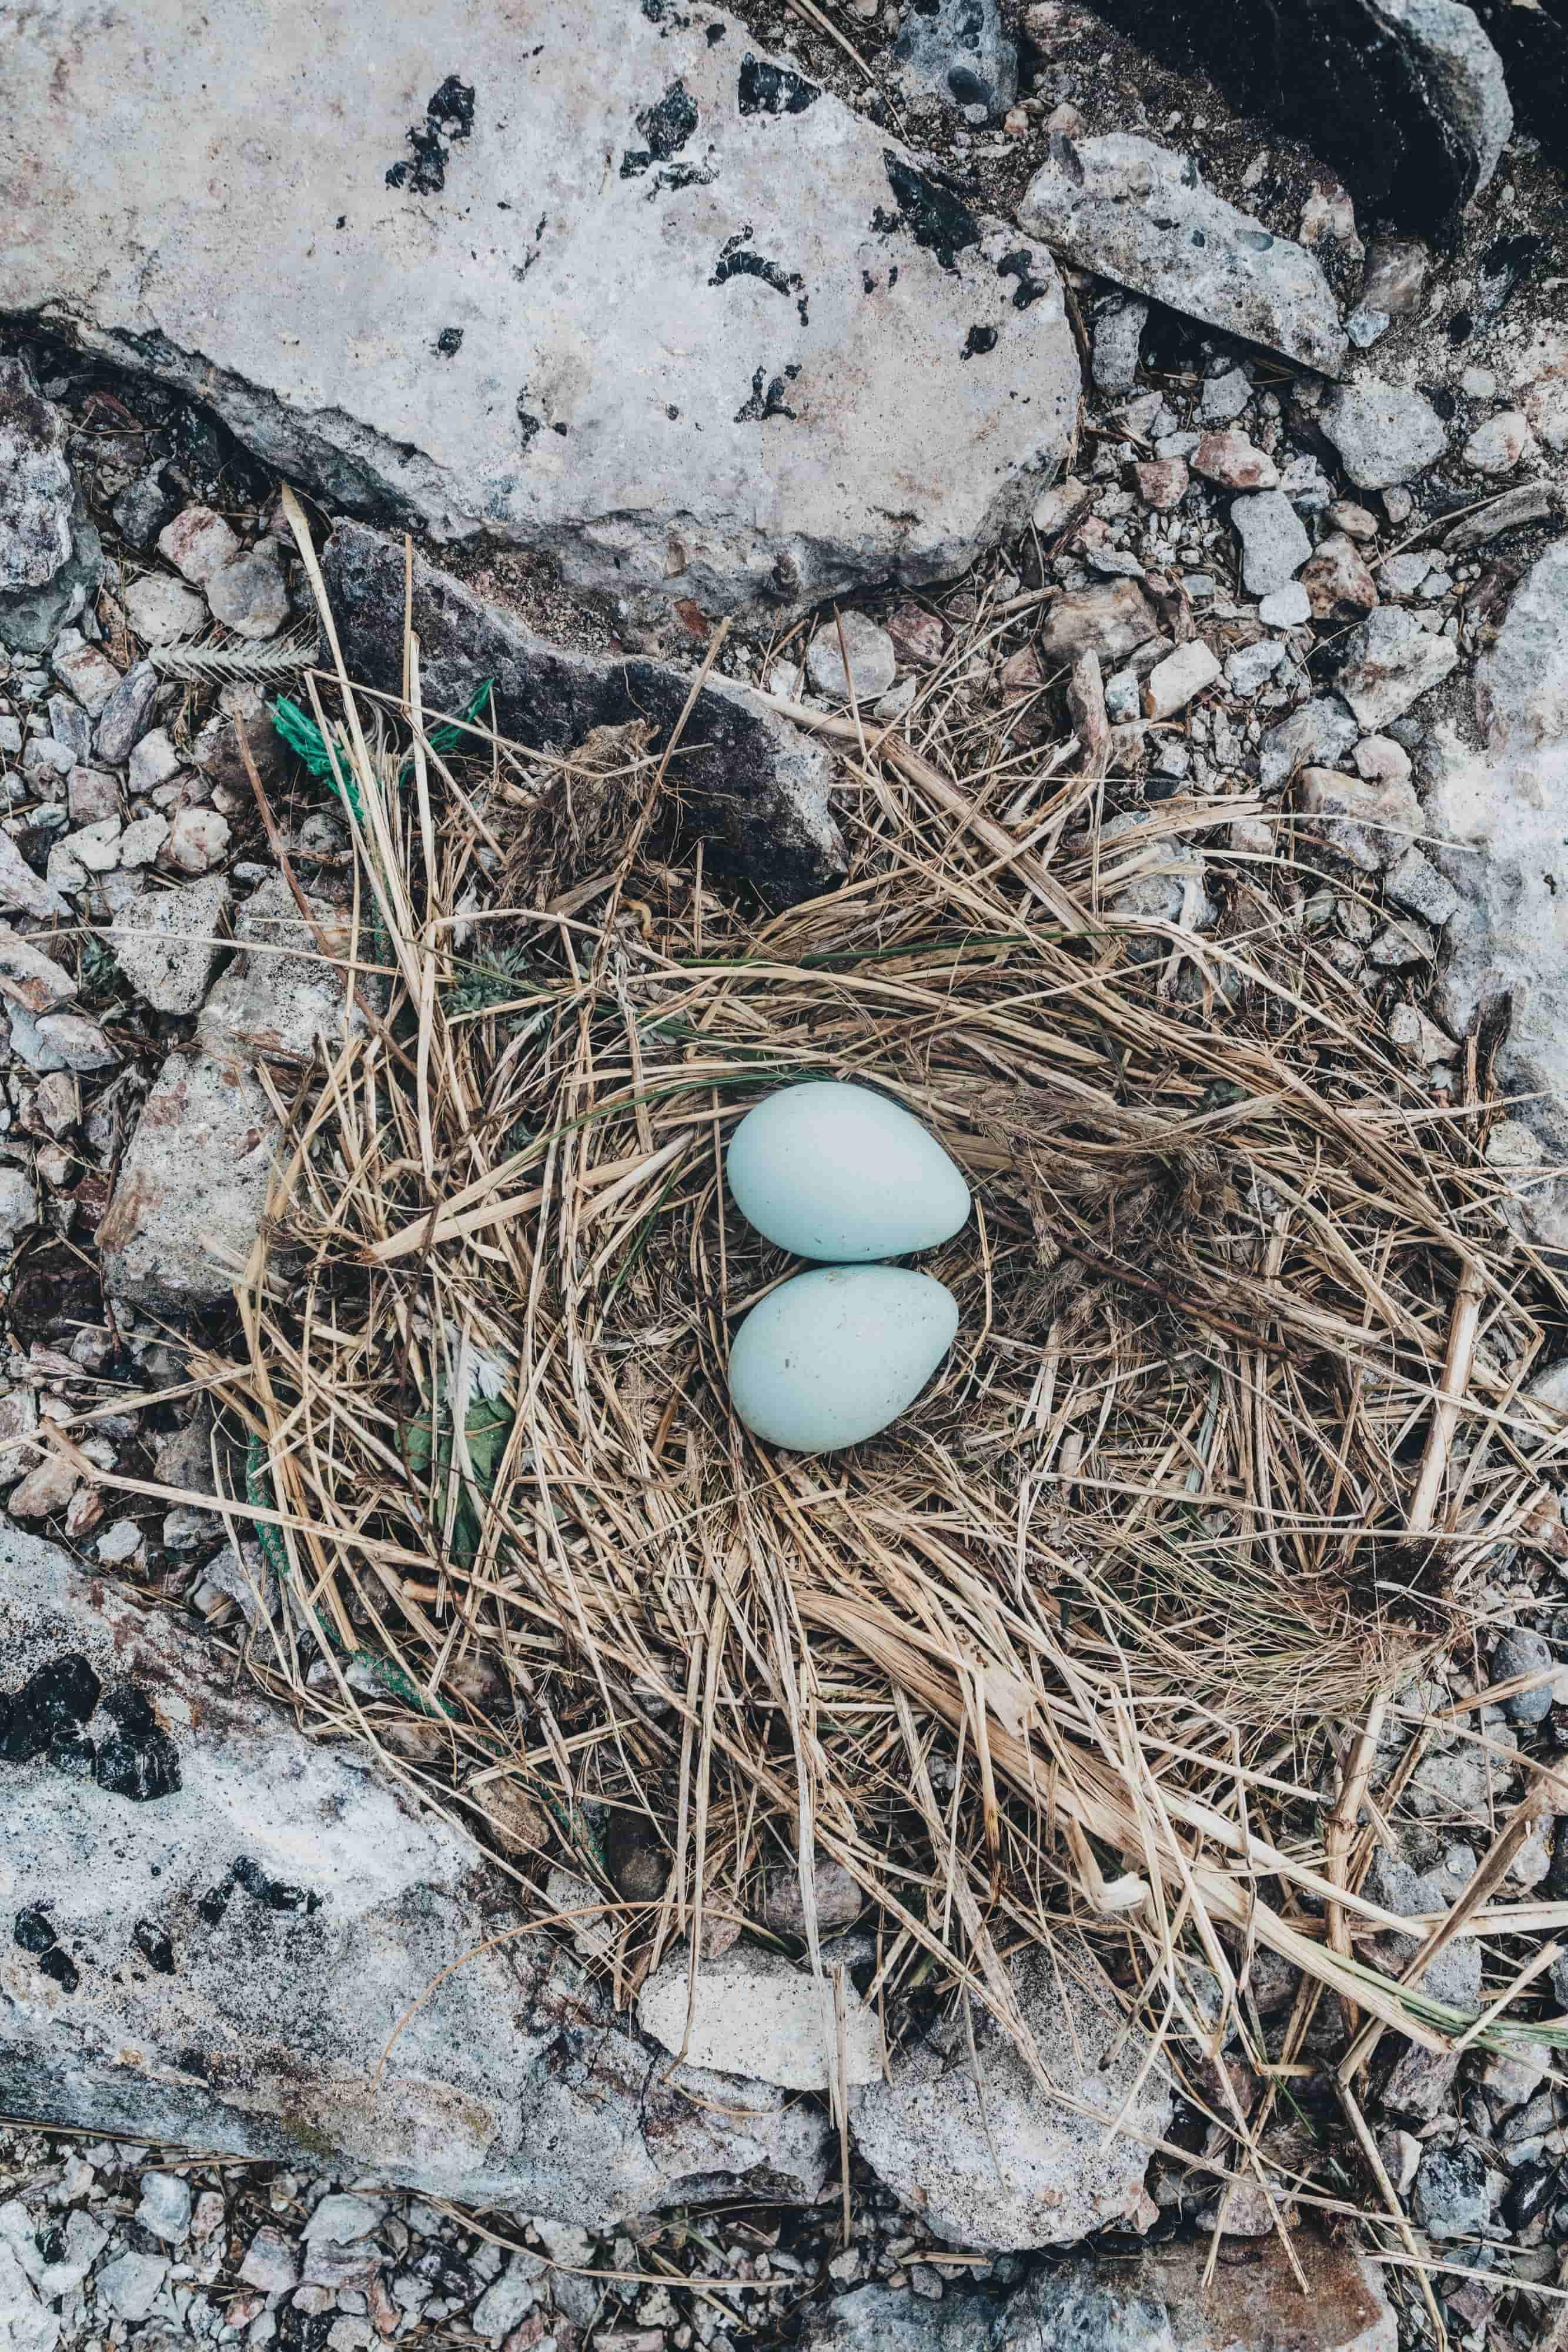 Яйца чайки